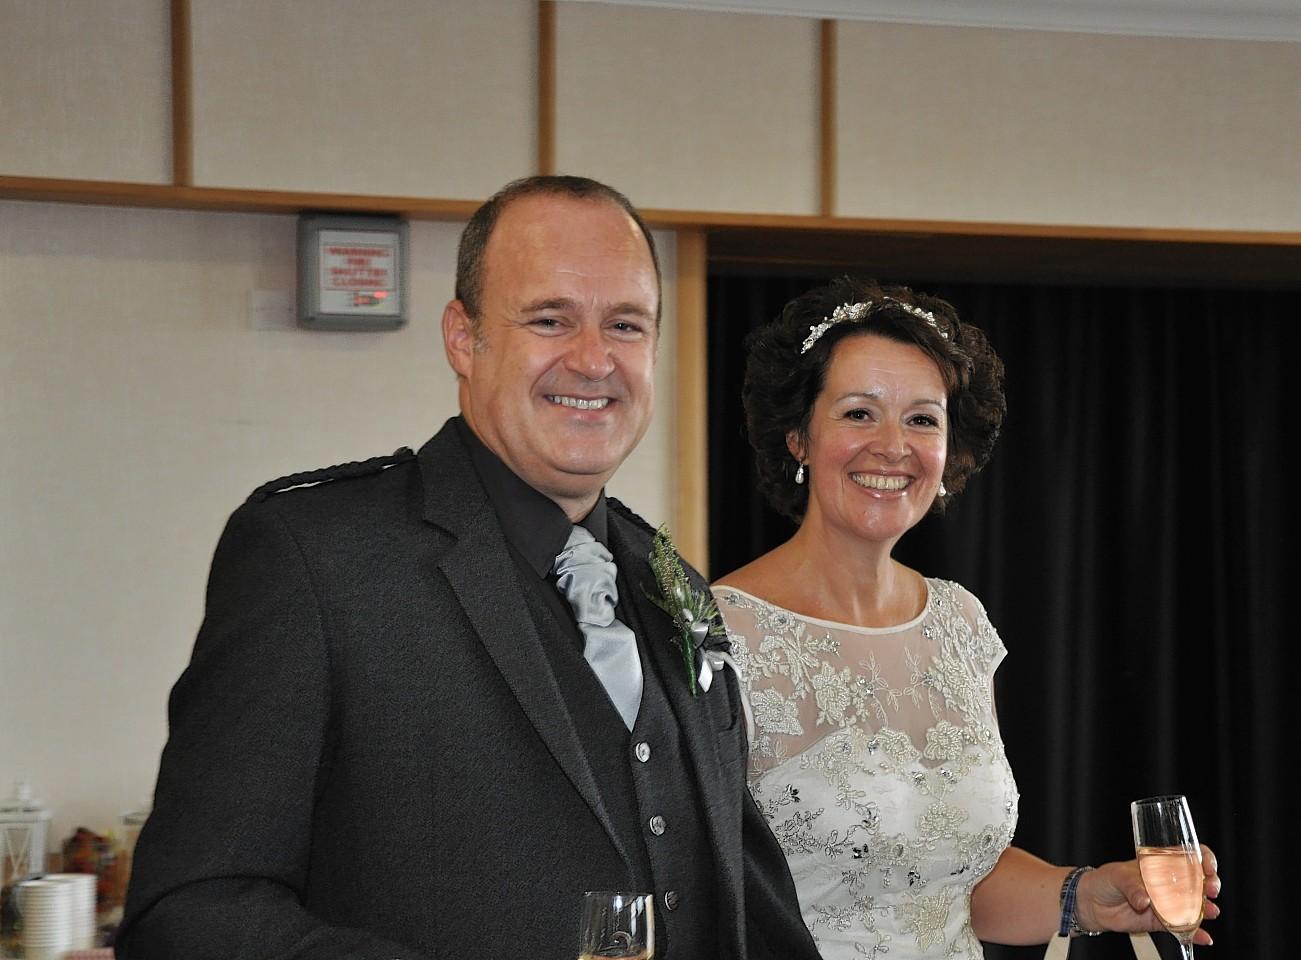 Karen Fulton with her husband Kevin